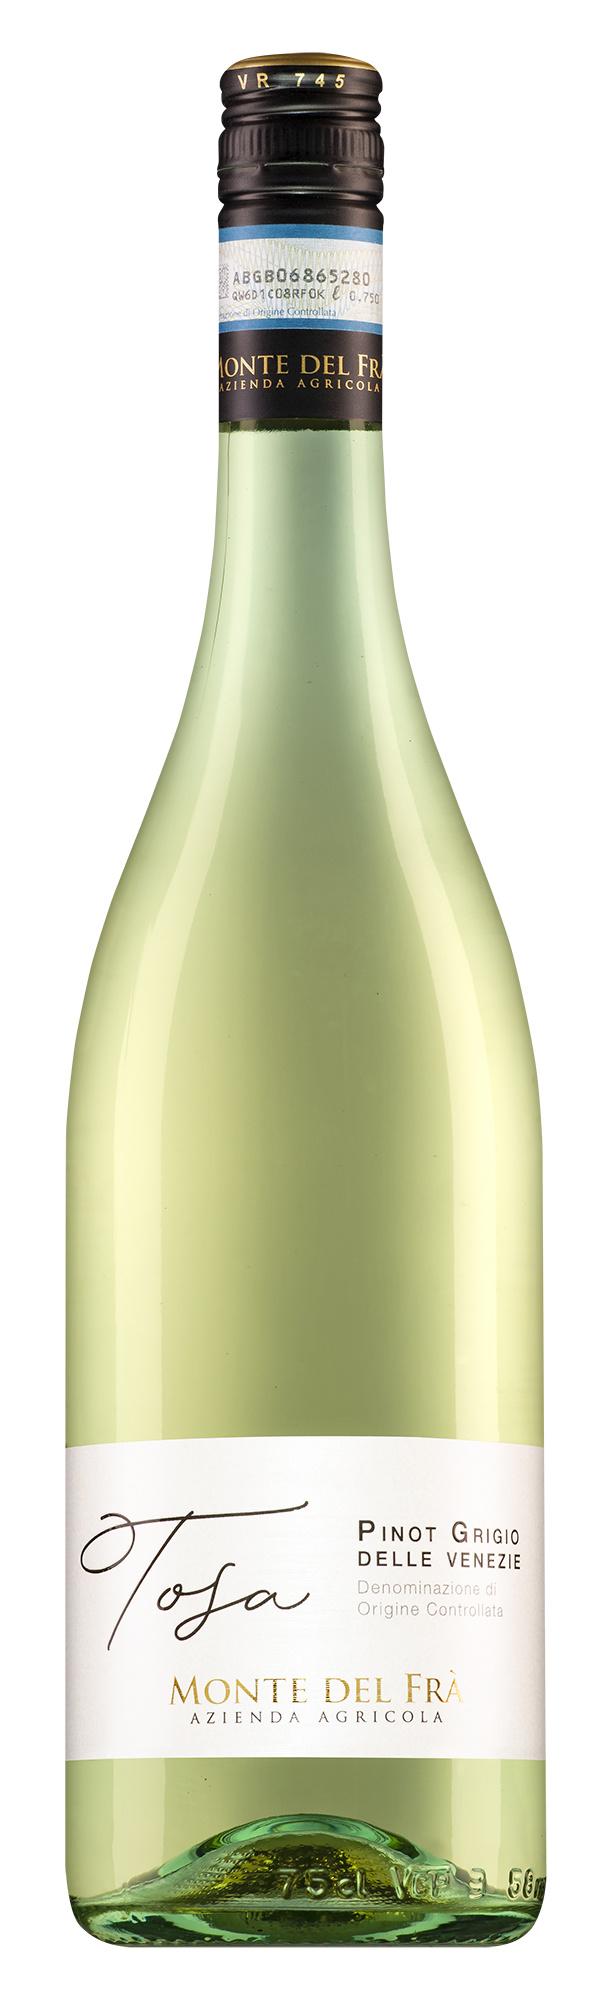 Monte del Fra Pinot Grigio 2020